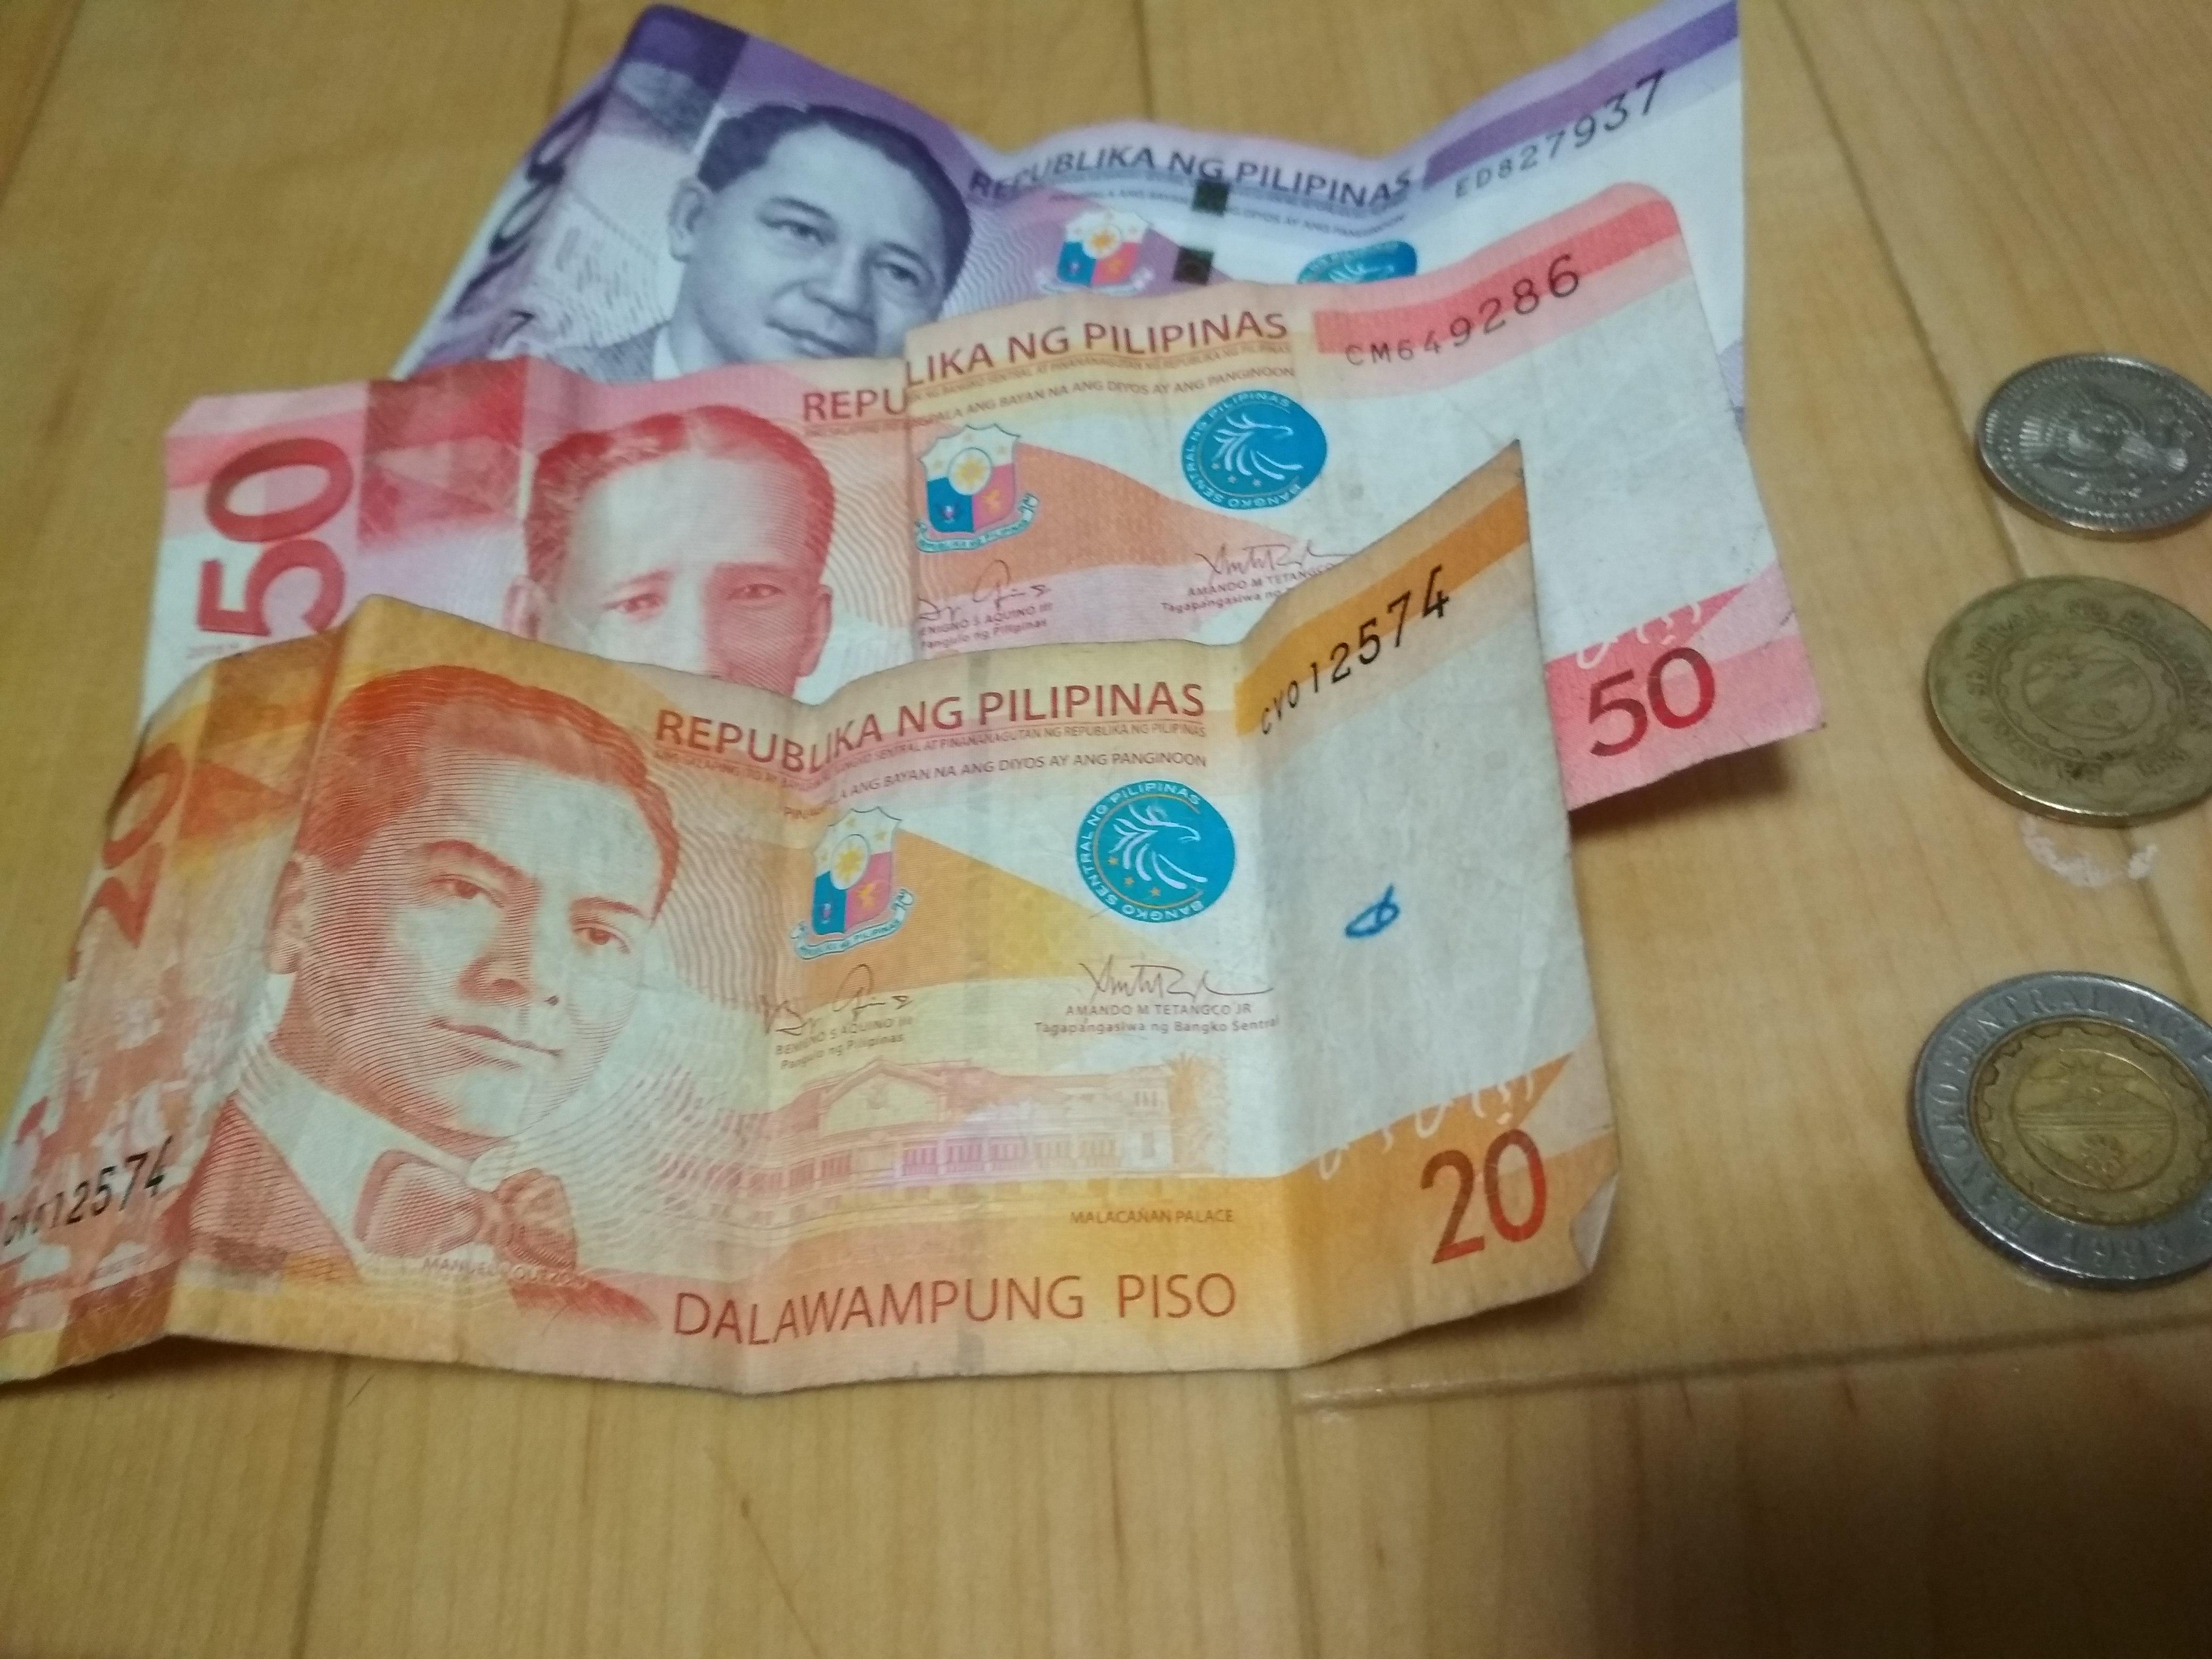 フィリピンの紙幣と硬貨